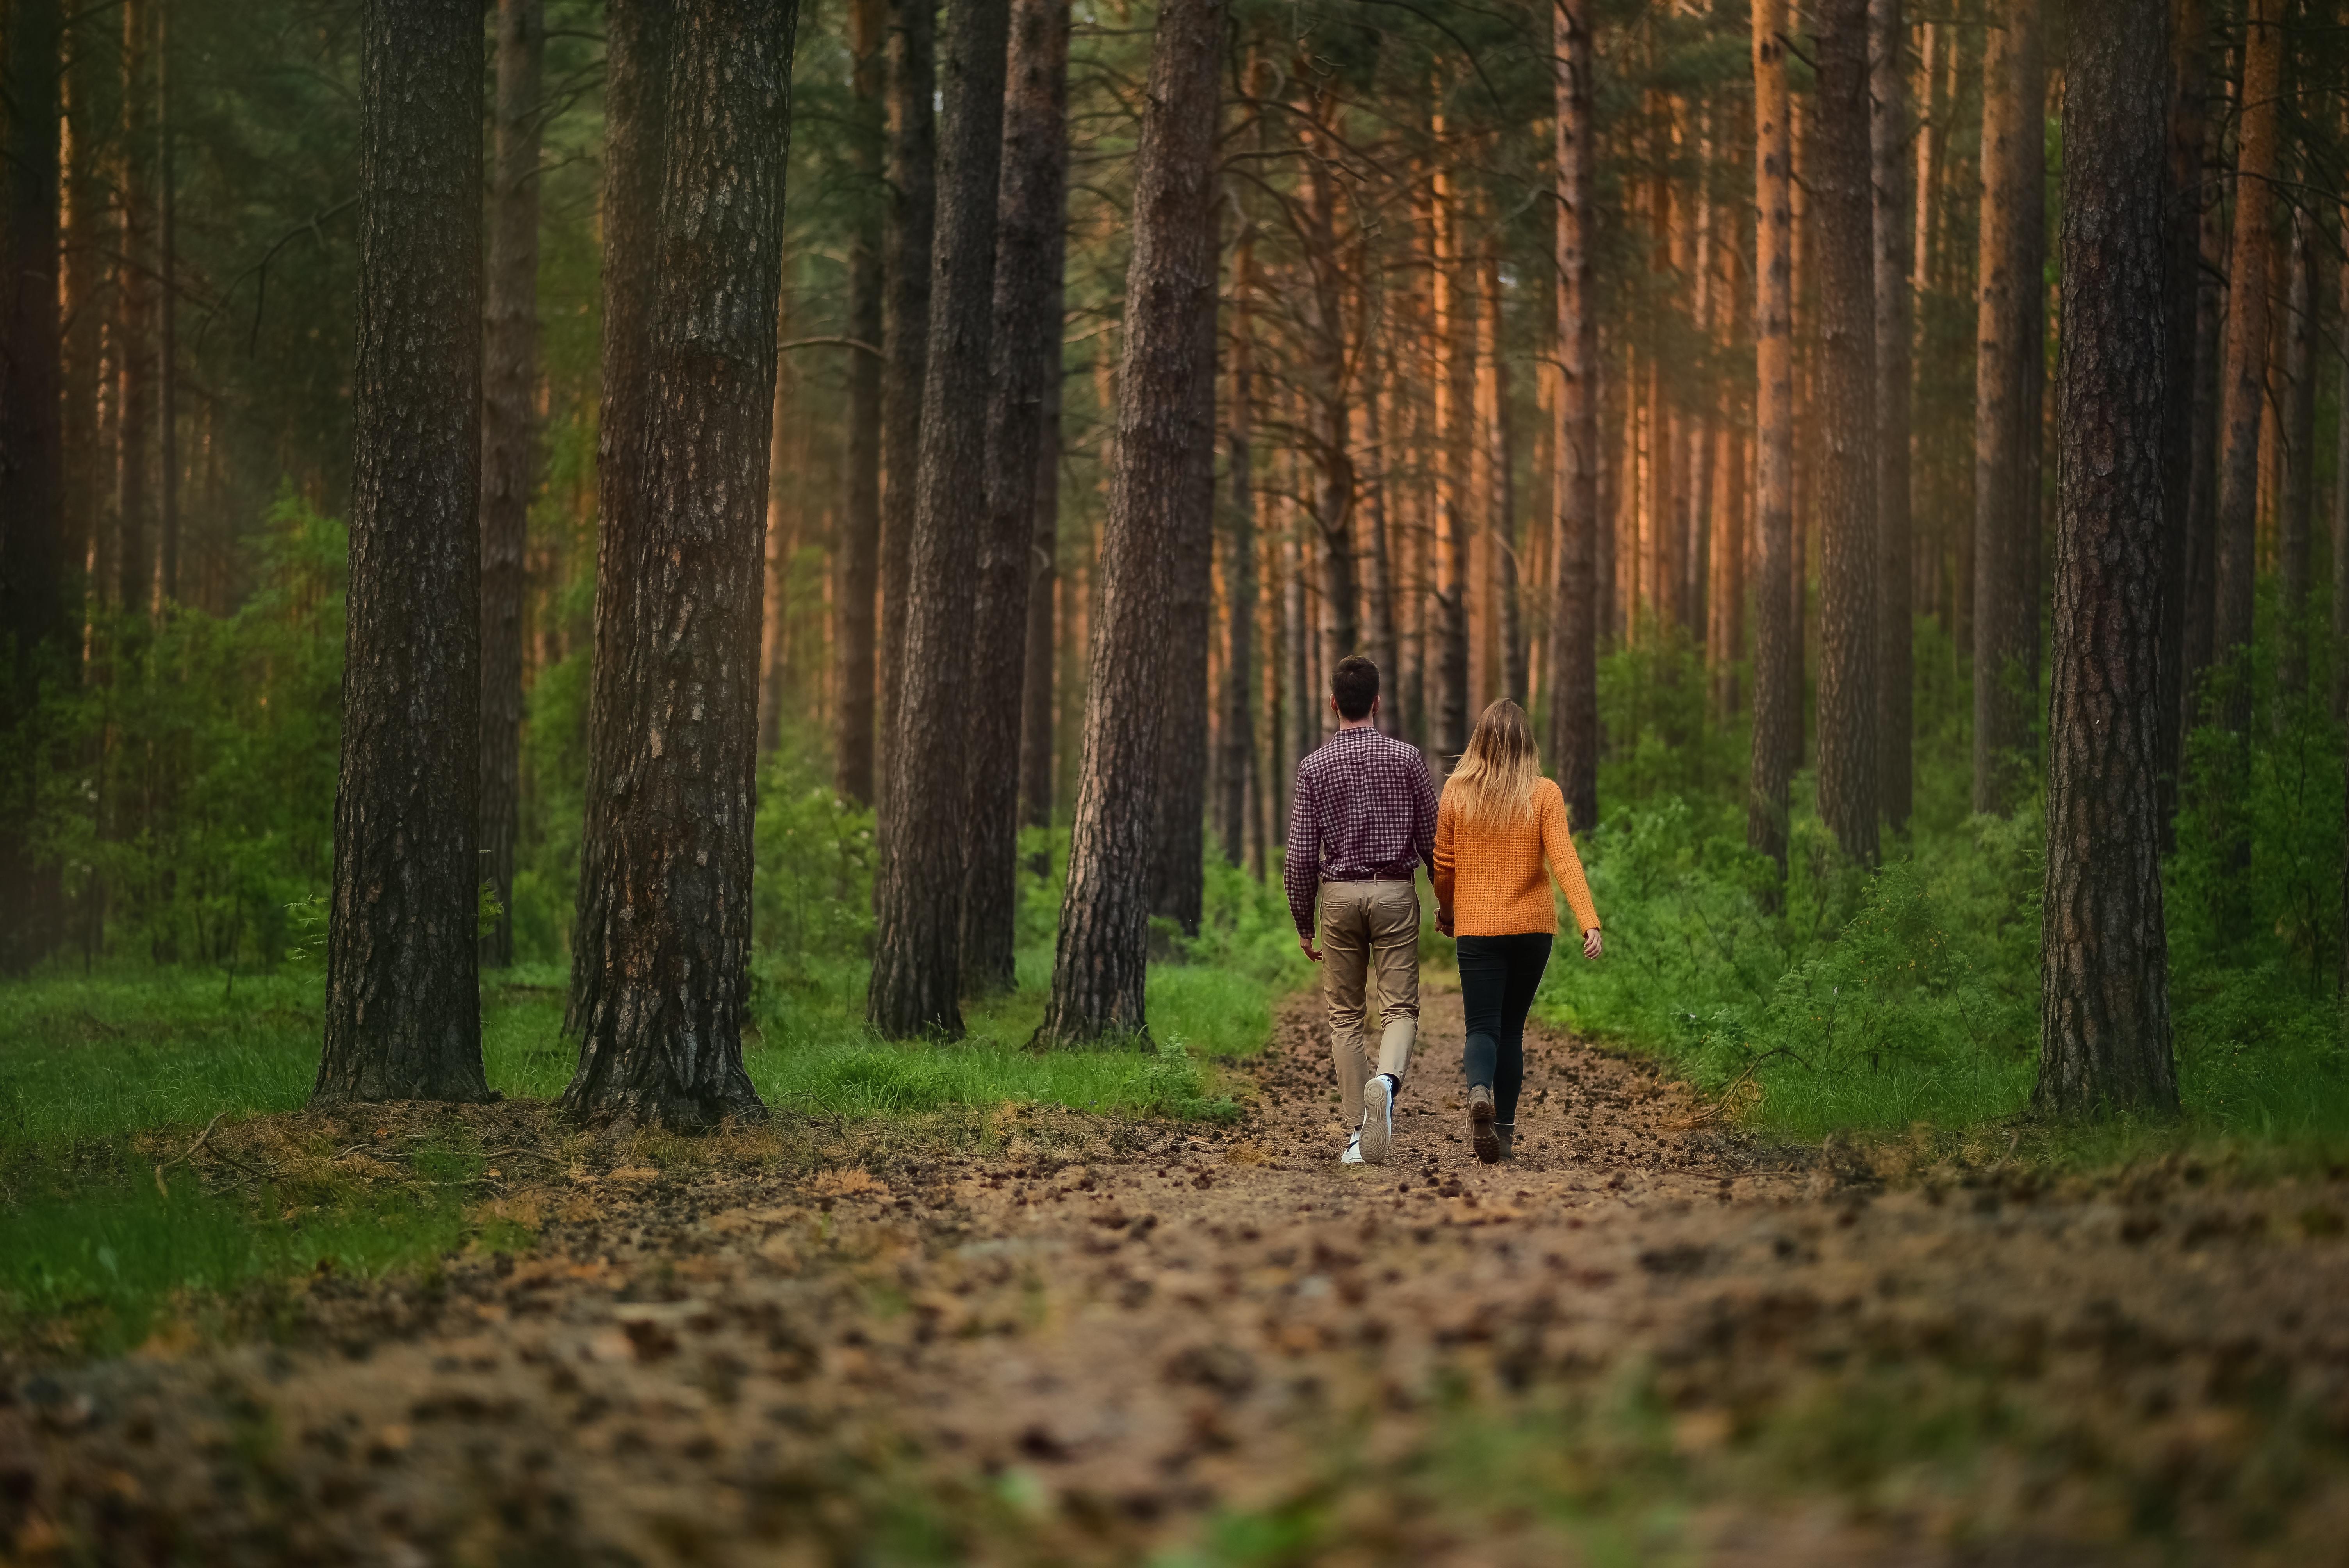 Camminare fa bene, farlo nel bosco fa meglio!